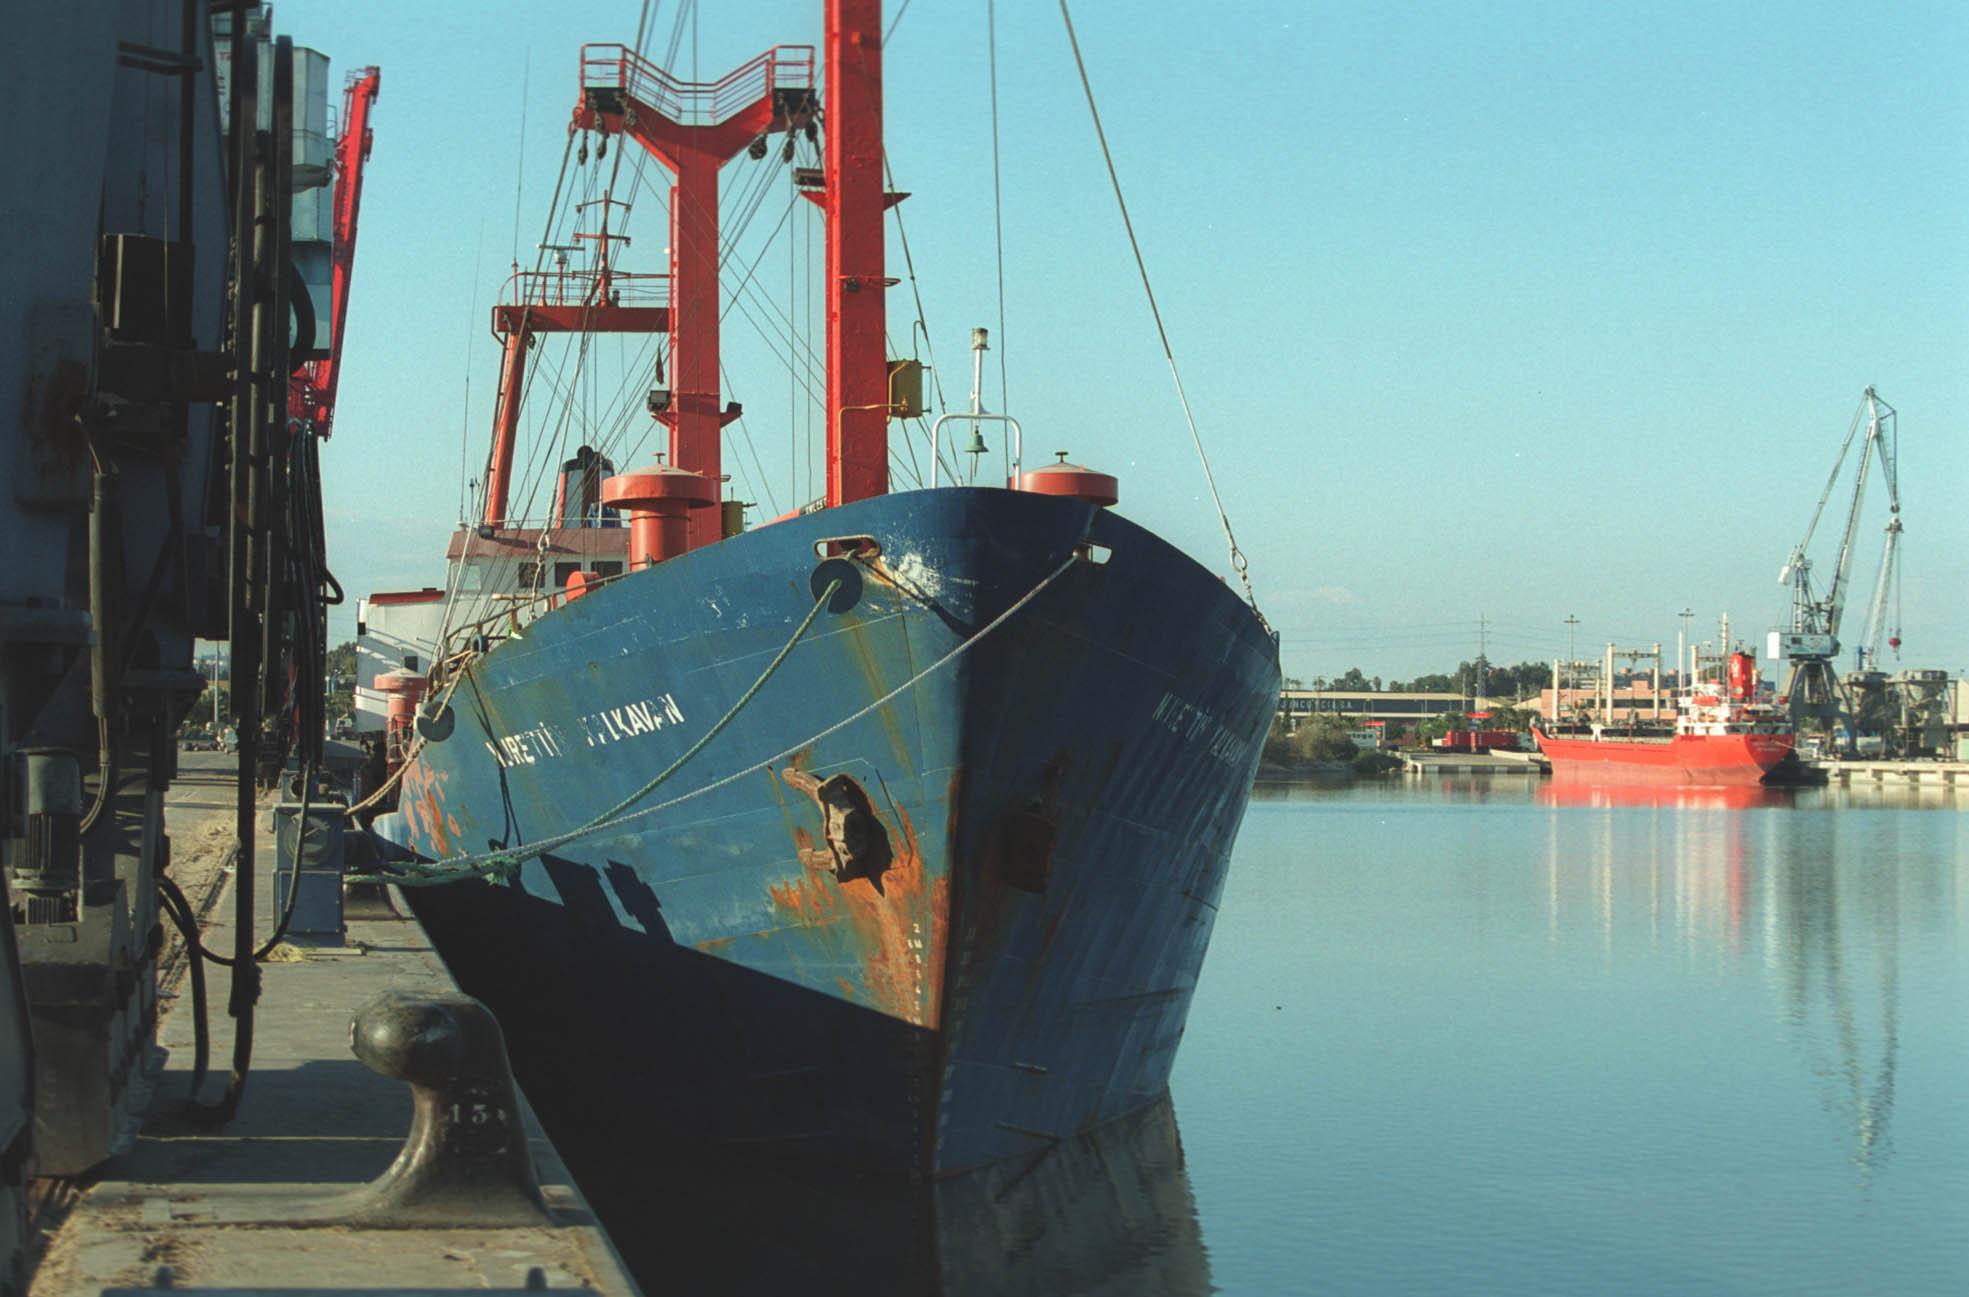 El Puerto necesita el dragado de profundización en el tramo navegable del río para que entren barcos más grandes. / David Estrada